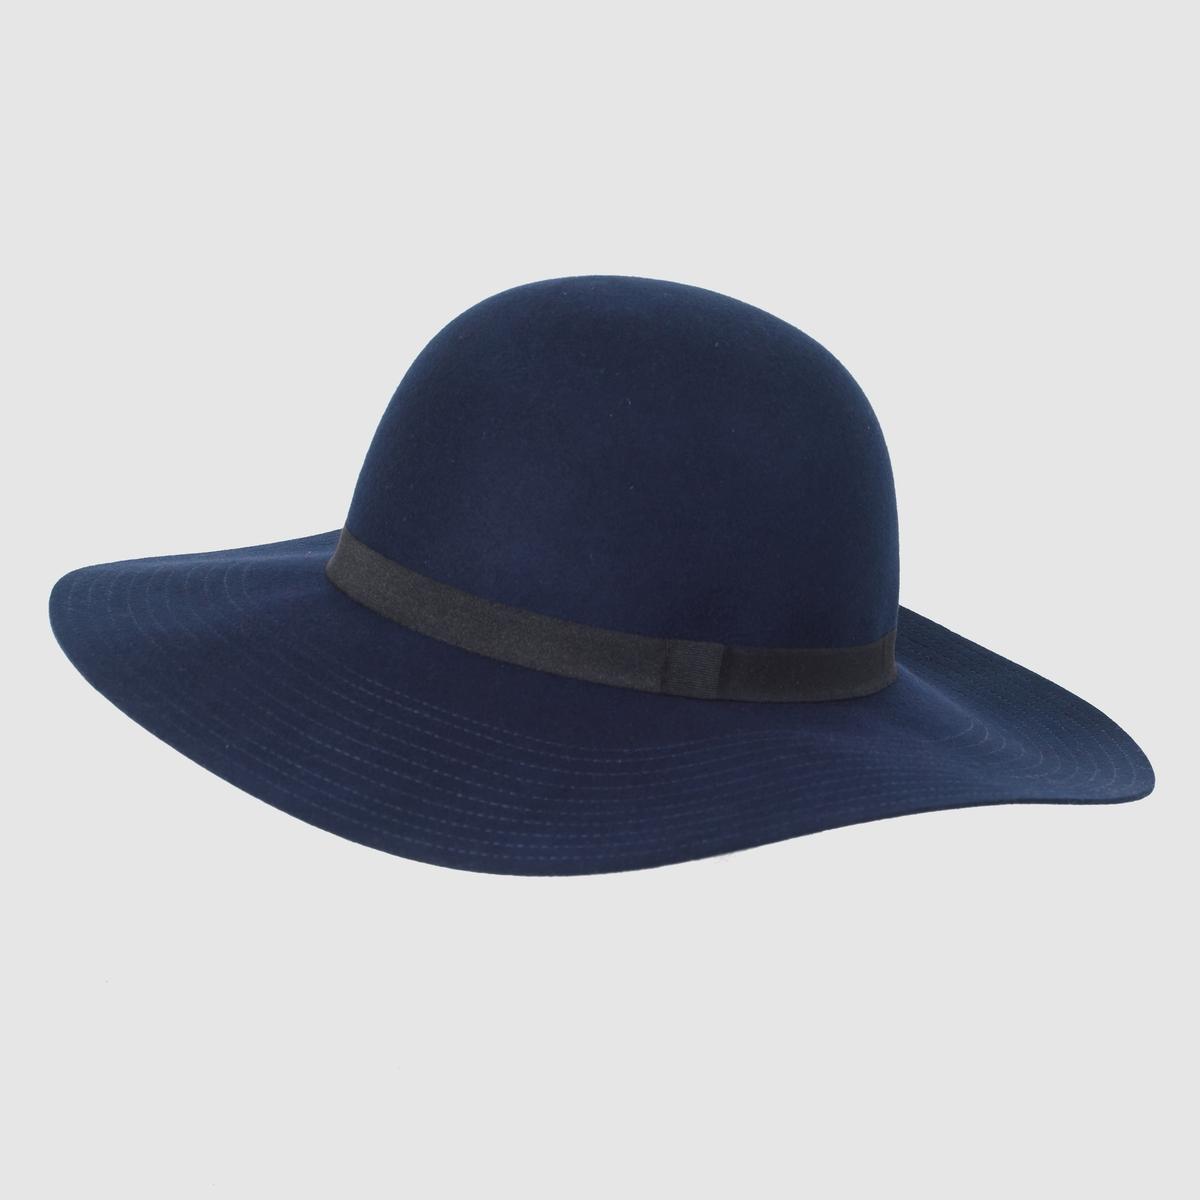 Шляпа с широкими поламиШляпа из 100% шерсти .<br><br>Цвет: темно-синий